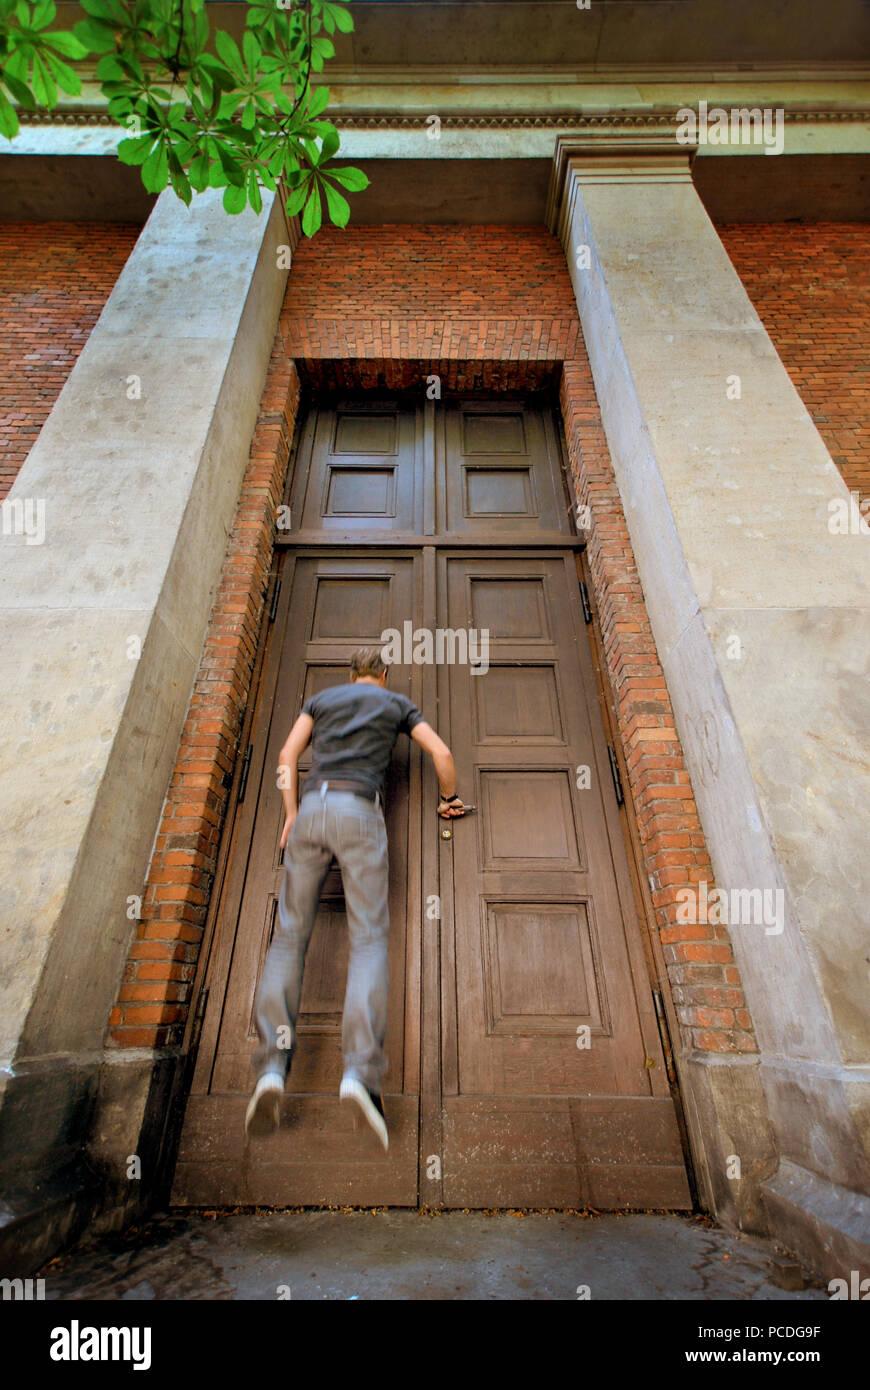 Eingang, Tür, öffnen Stockbild